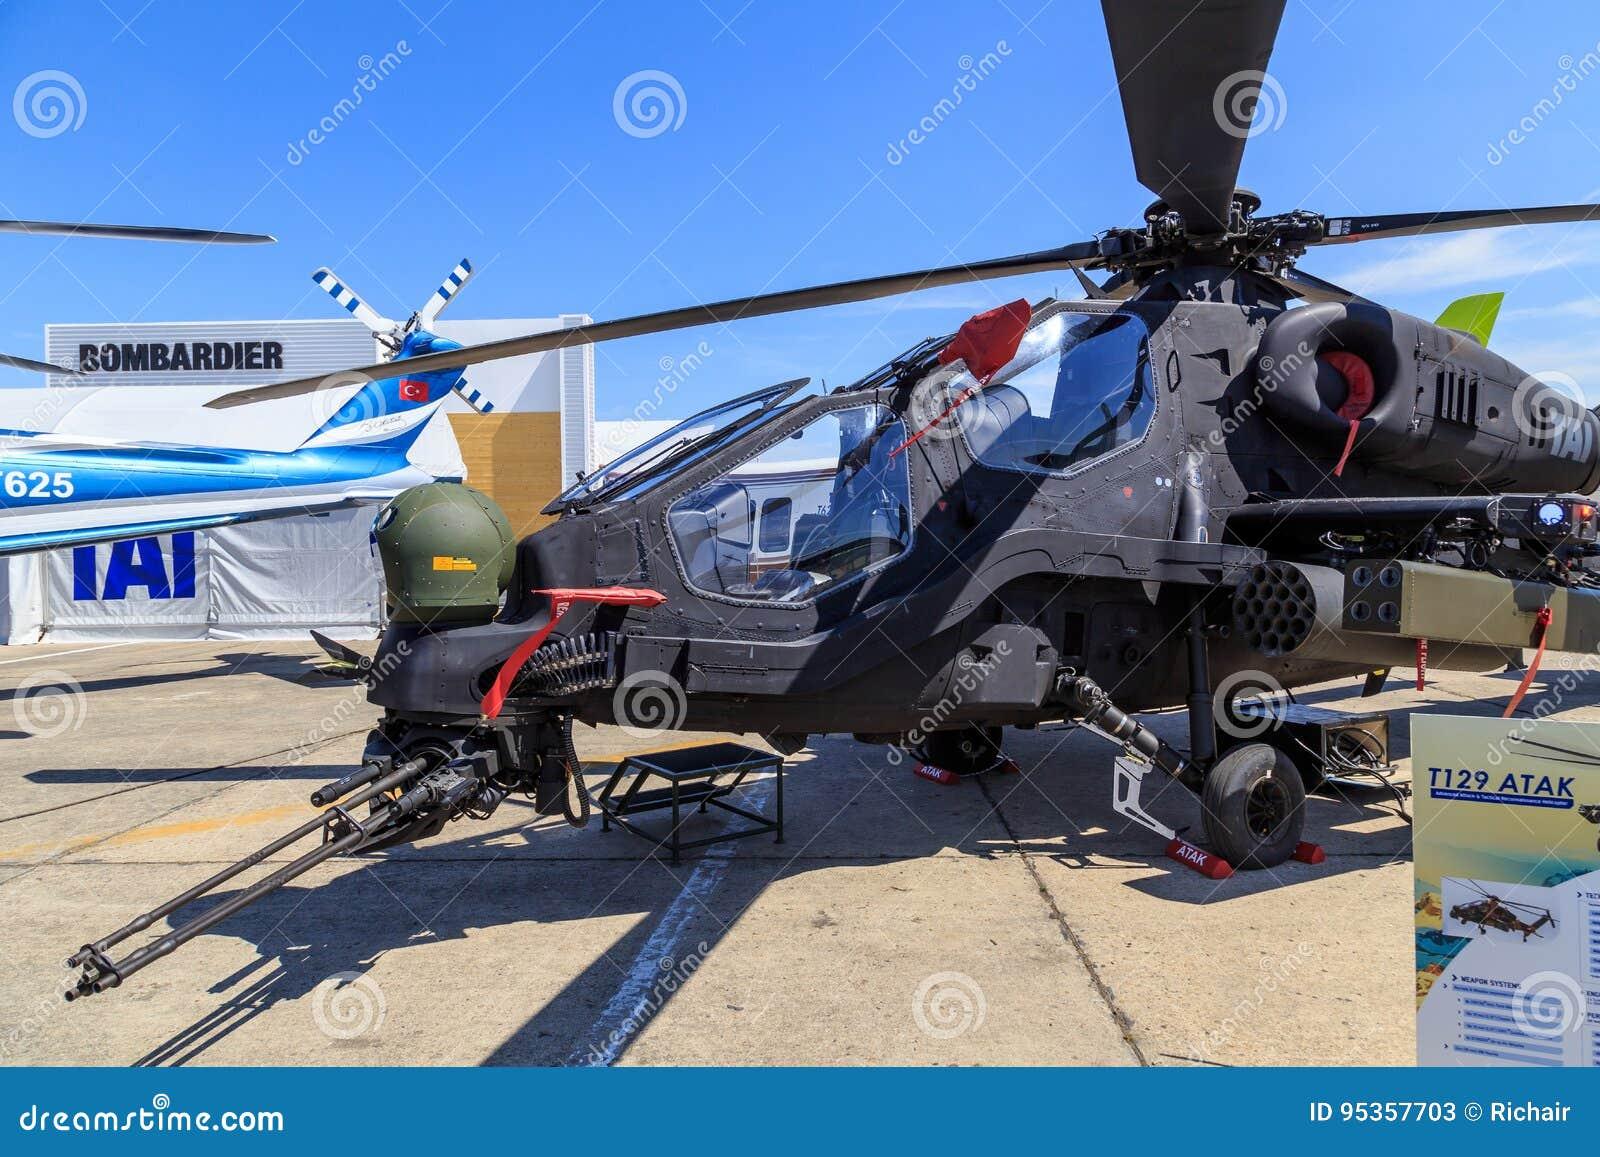 Elicottero T 129 : Elicottero del tai t129 atak fotografia stock editoriale immagine